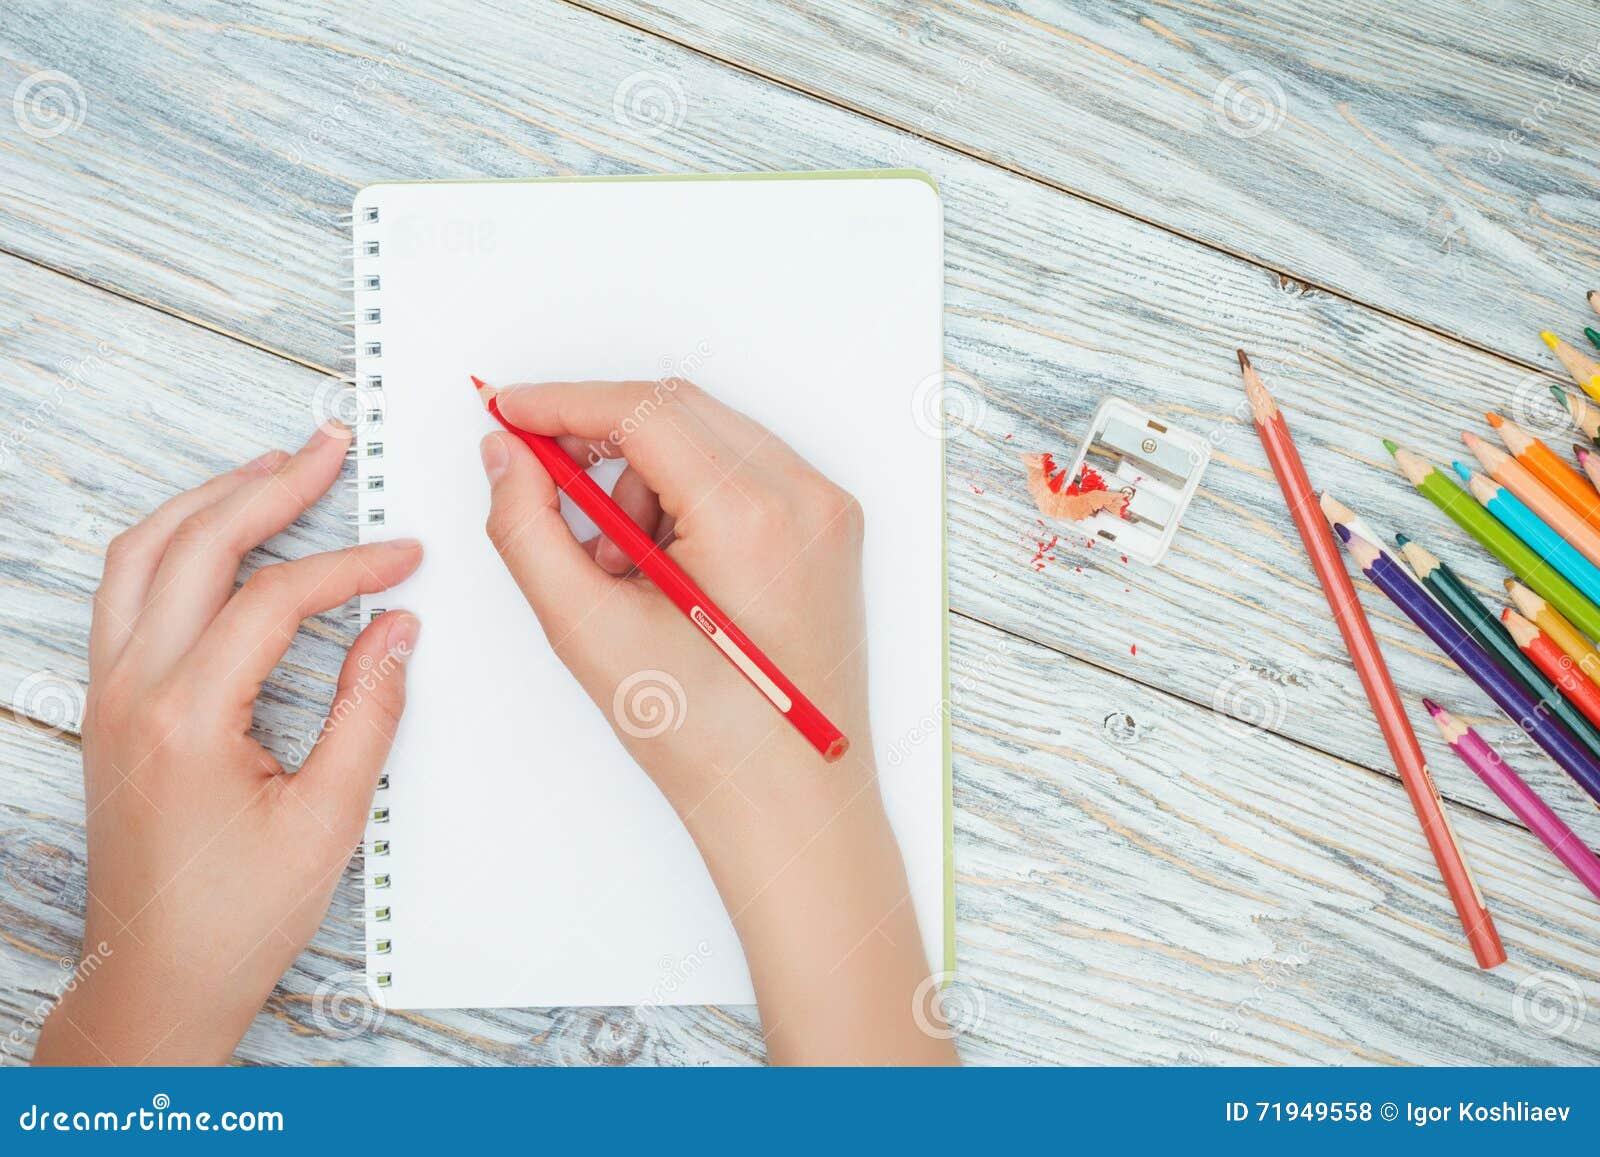 Рука держит покрашенный карандаш